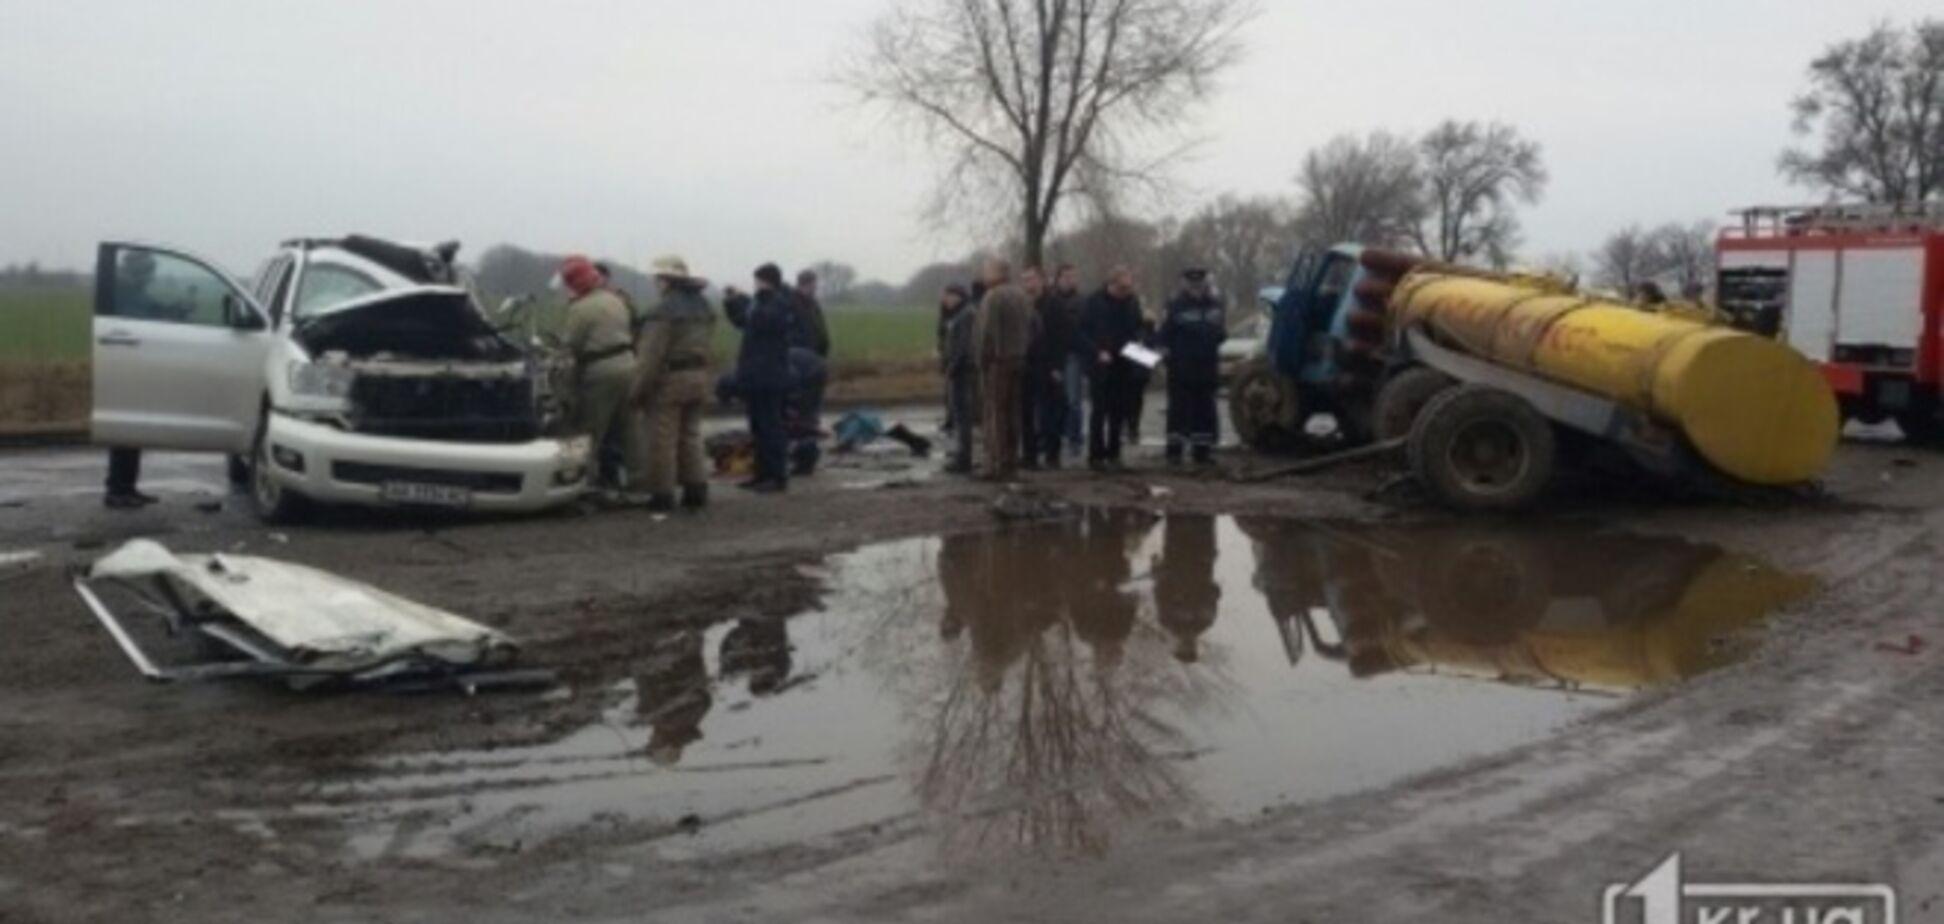 Пропал свидетель ДТП, в котором погиб Скрябин - милиция